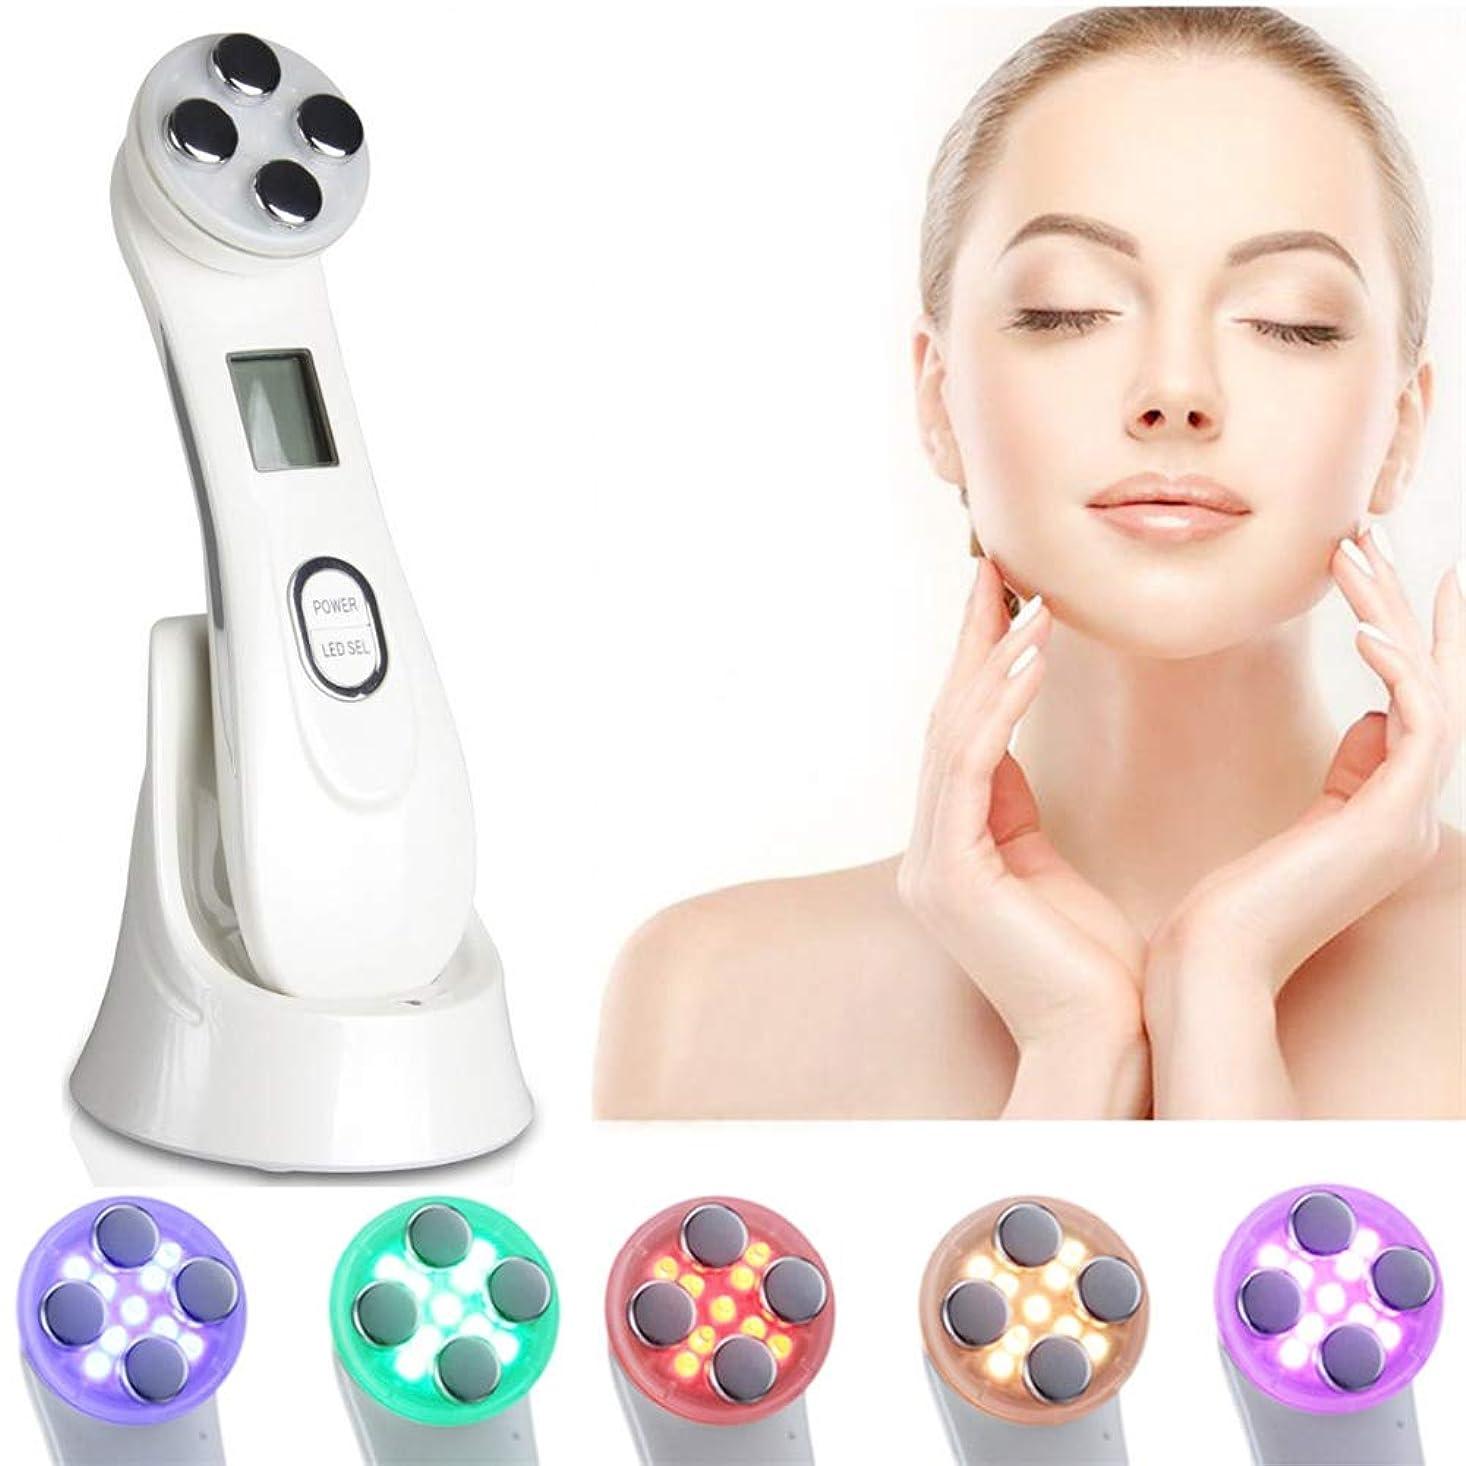 忠実な十分ではない十一引き締め美容機器6色LEDライトモード持ち上がる肌の若返りフェイスマッサージャーRF&EMSリンクルホワイトニングスキンケア器具(ホワイト)